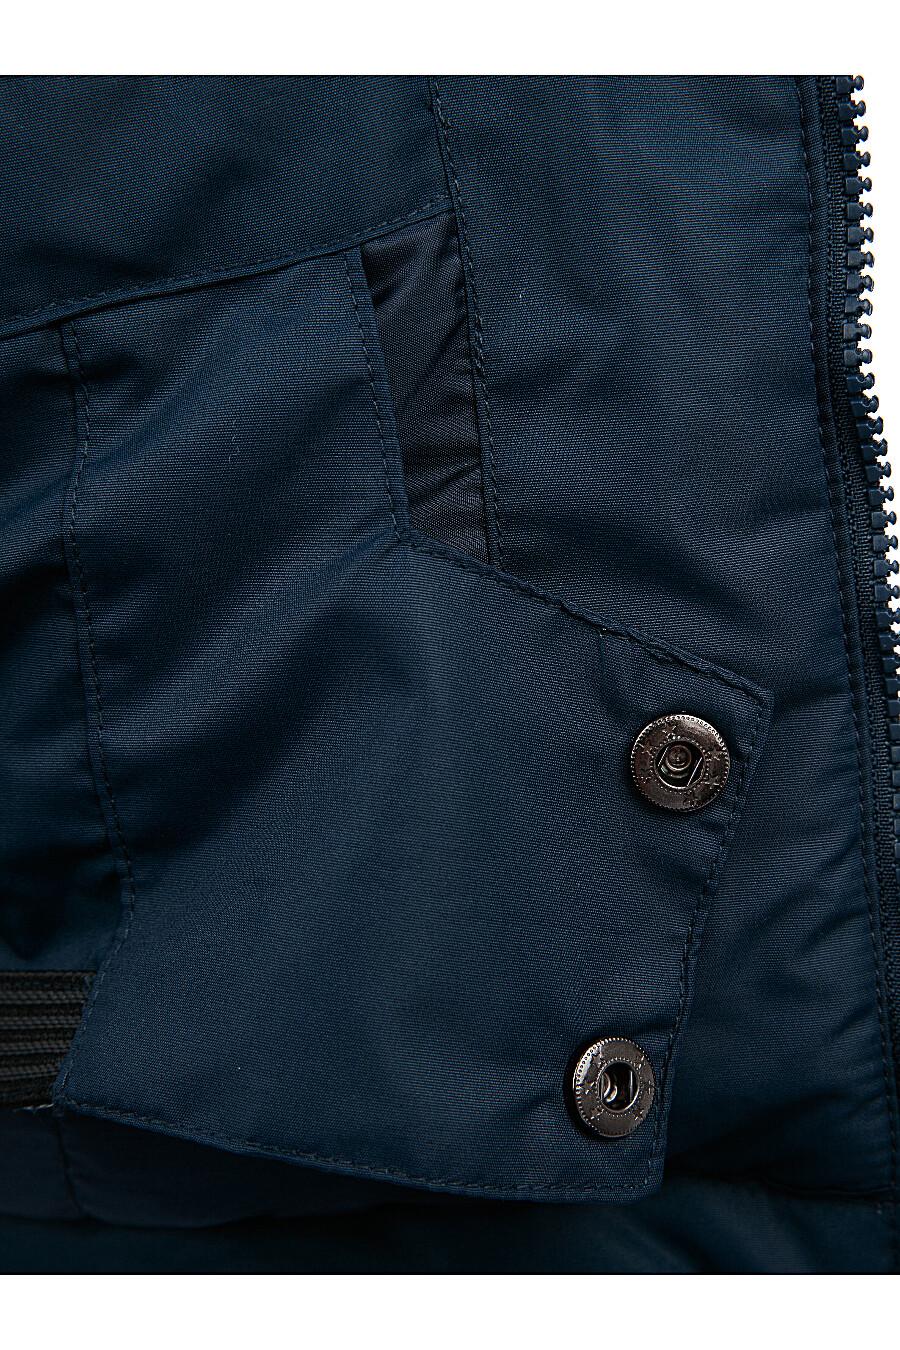 Куртка PLAYTODAY (708414), купить в Moyo.moda